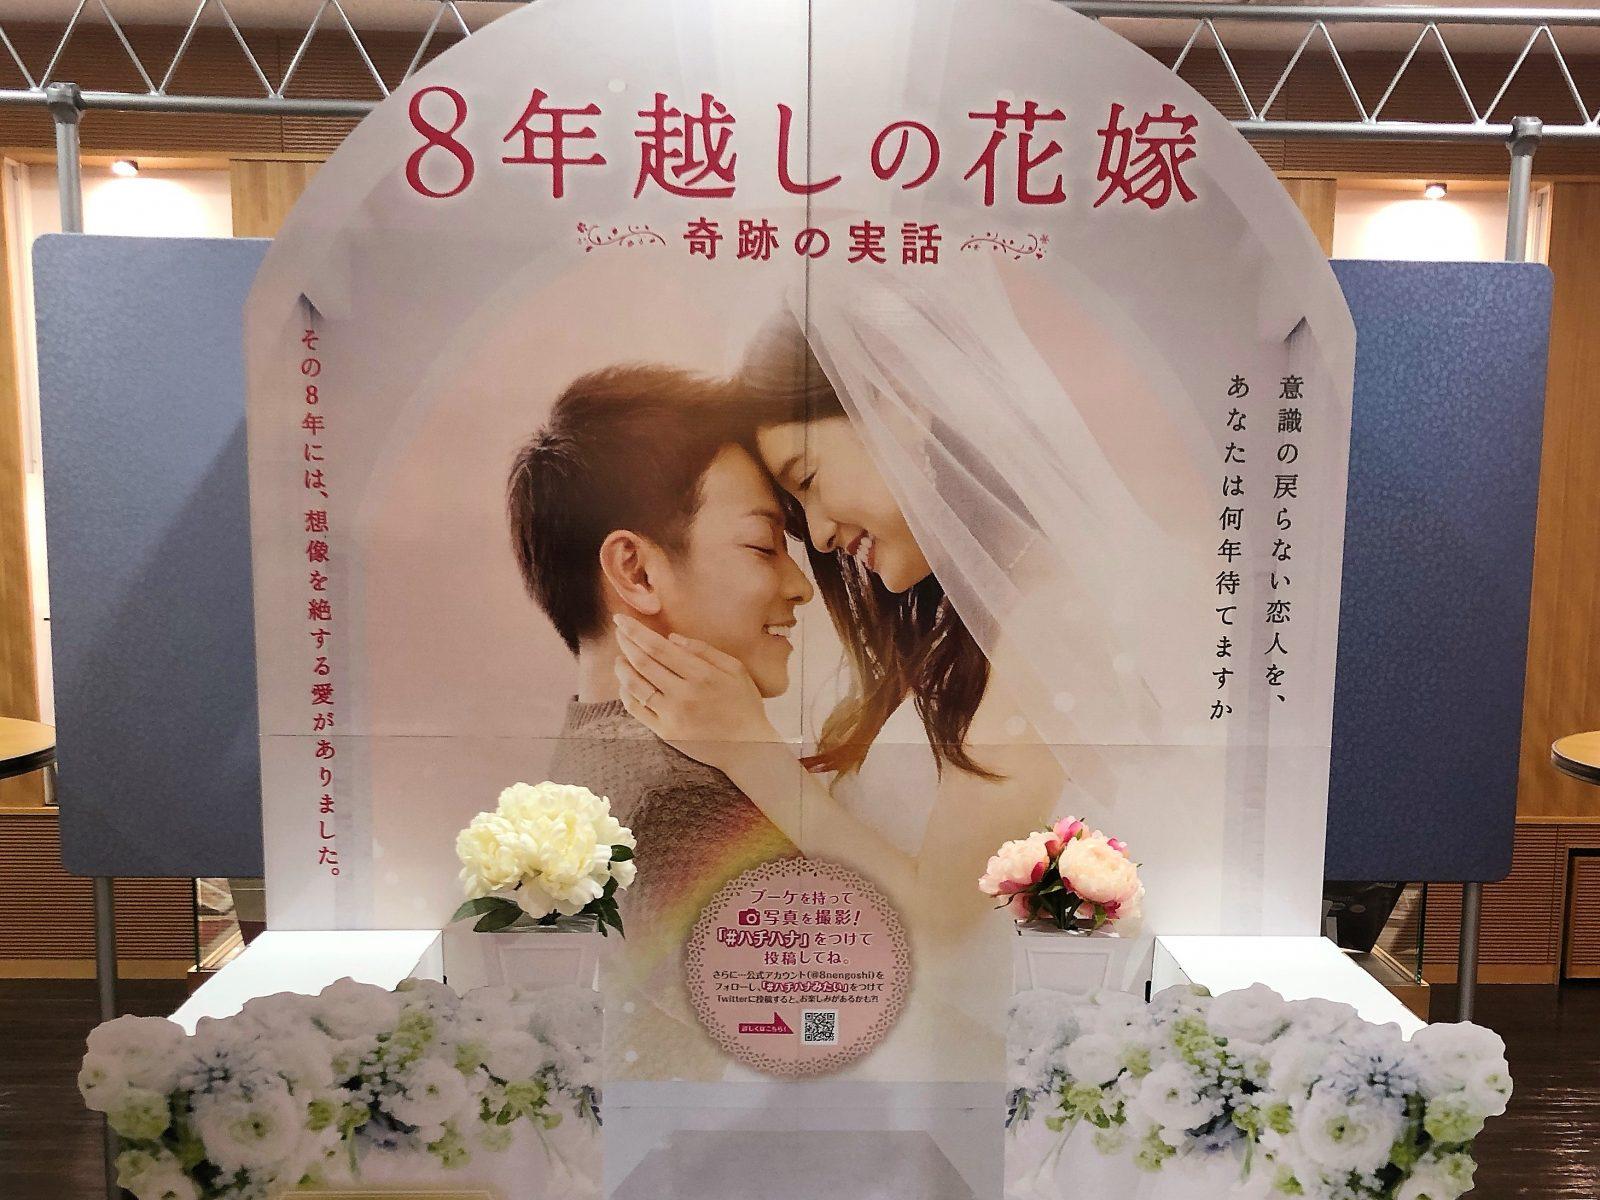 婚活中の40代独女が、映画『8年越しの花嫁』をみて思った2つのこと